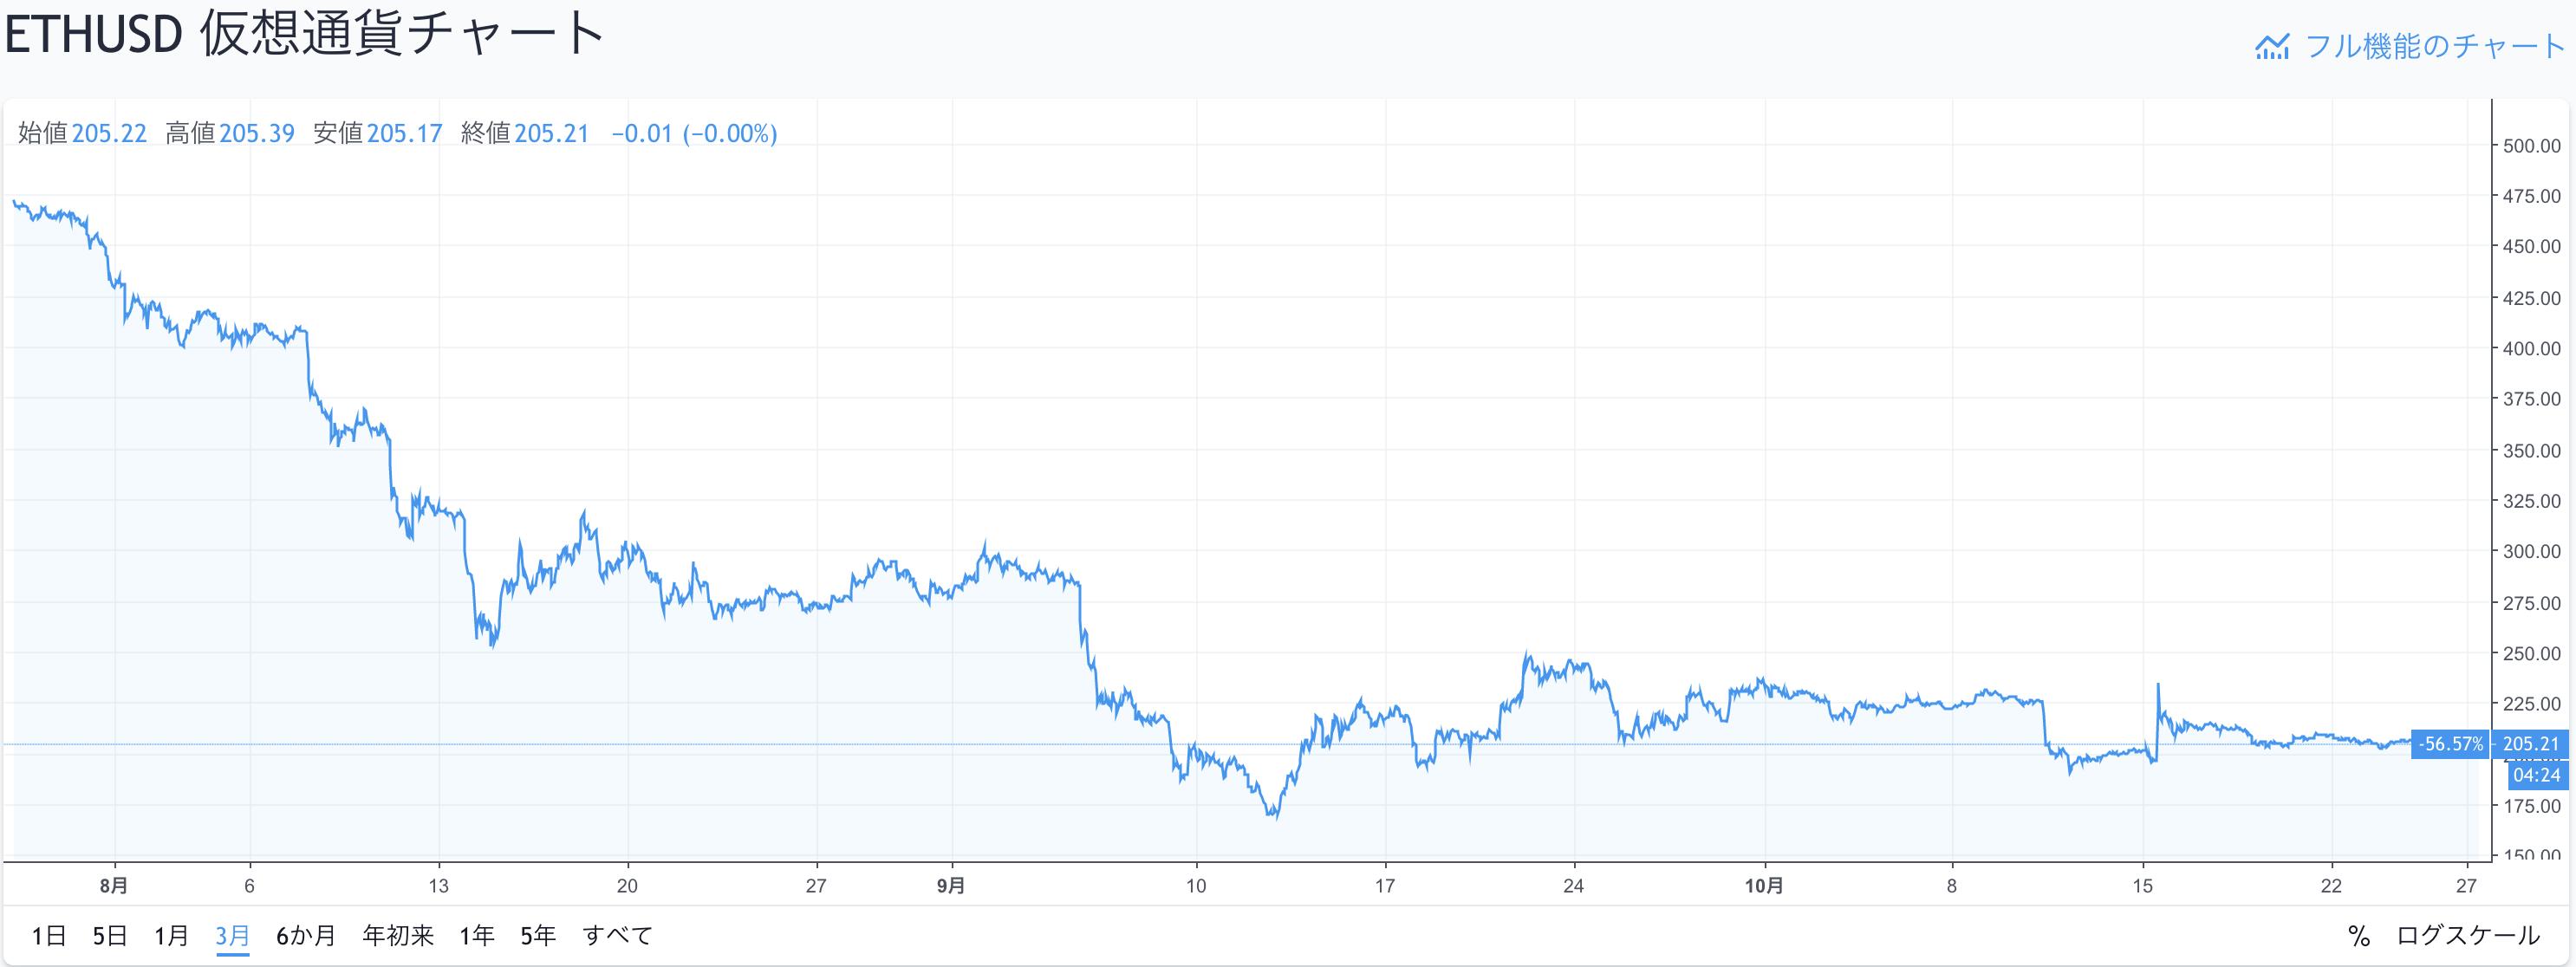 イーサリアム価格変動(3か月)